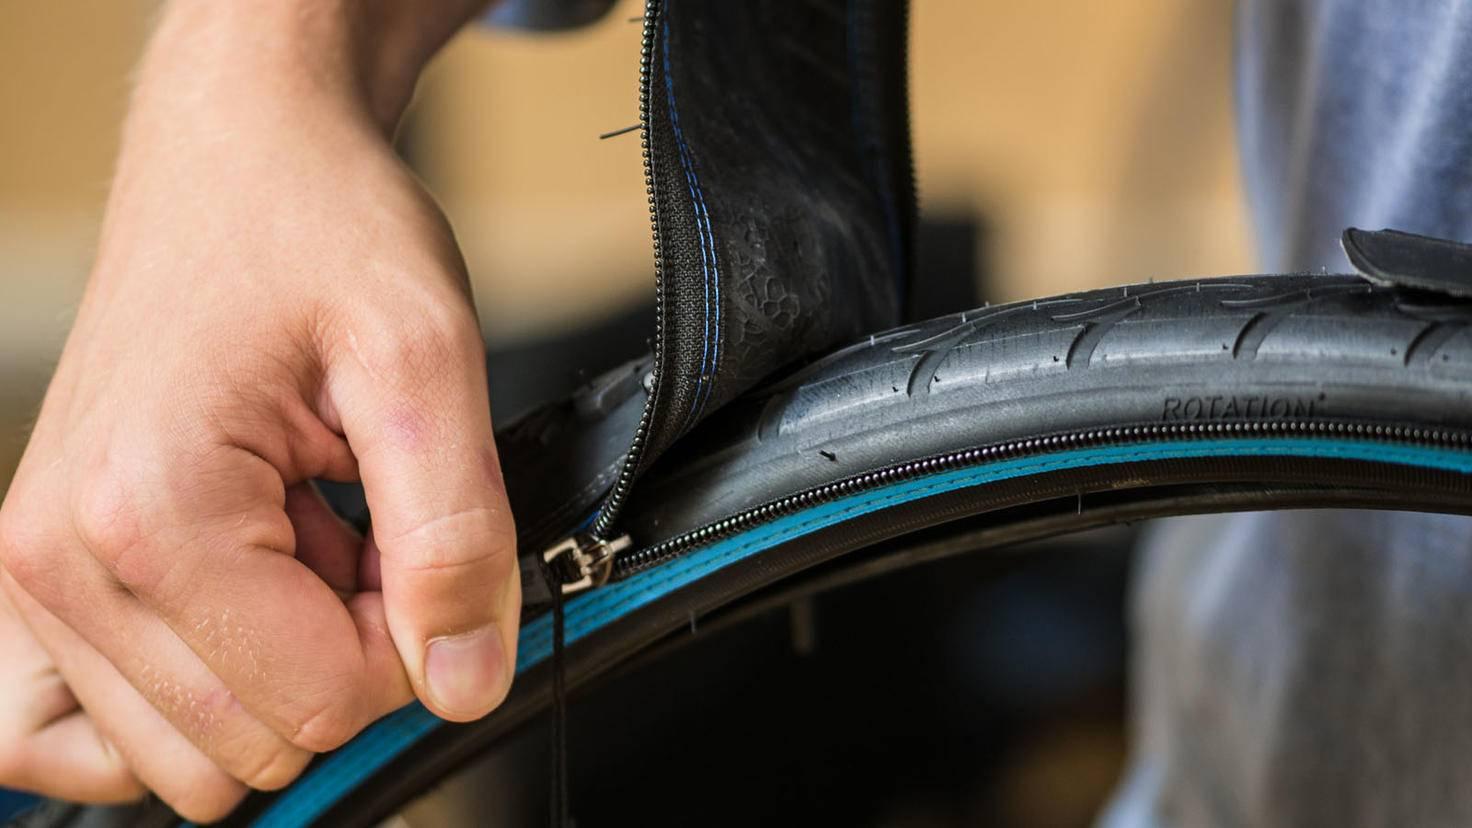 Reißverschluss-Fahrradreifen reTyre One integrated zipper closeup